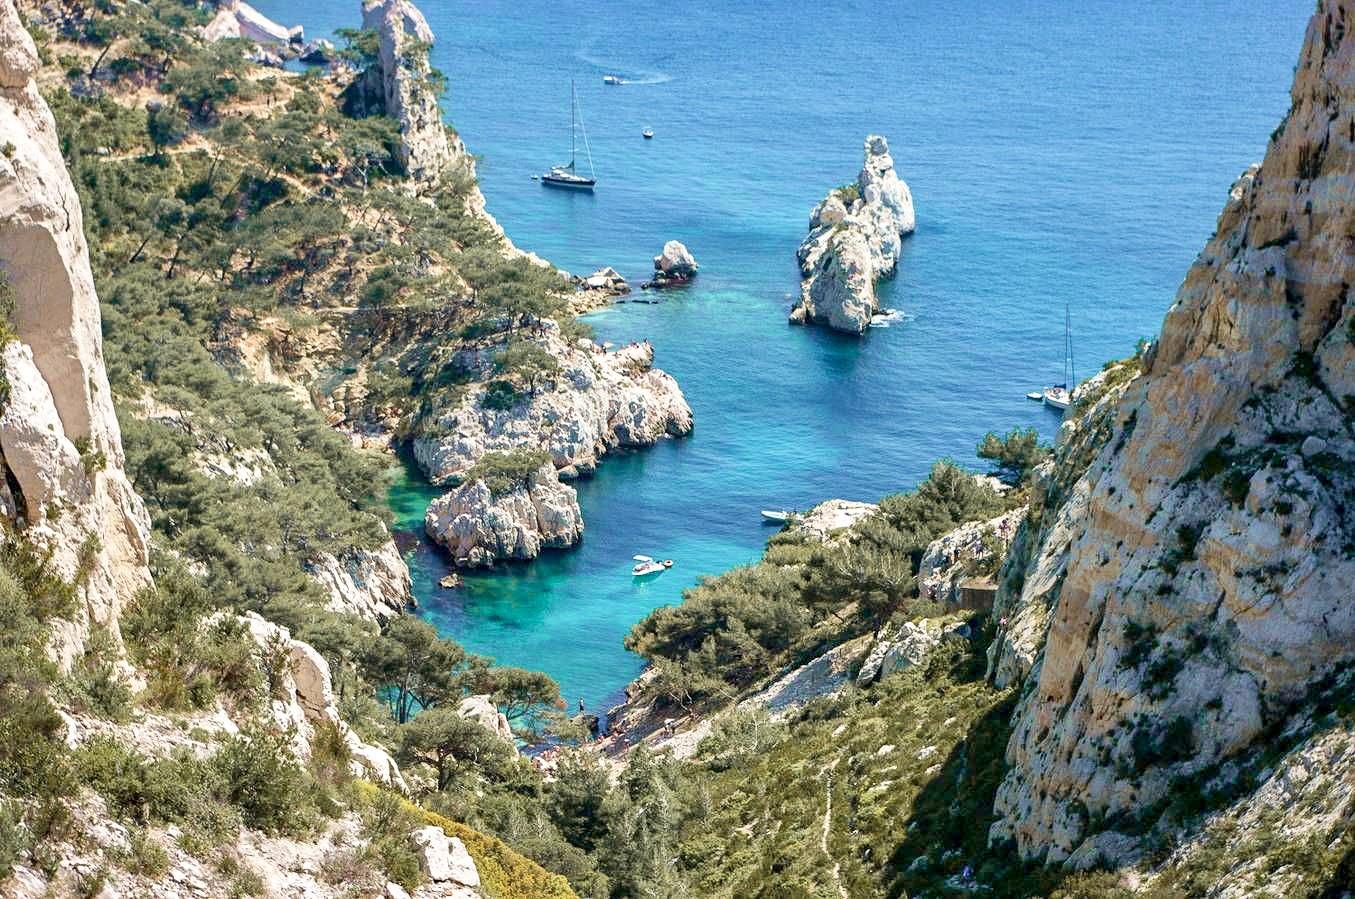 Plus belles calanques Marseille - Calanque Sugiton